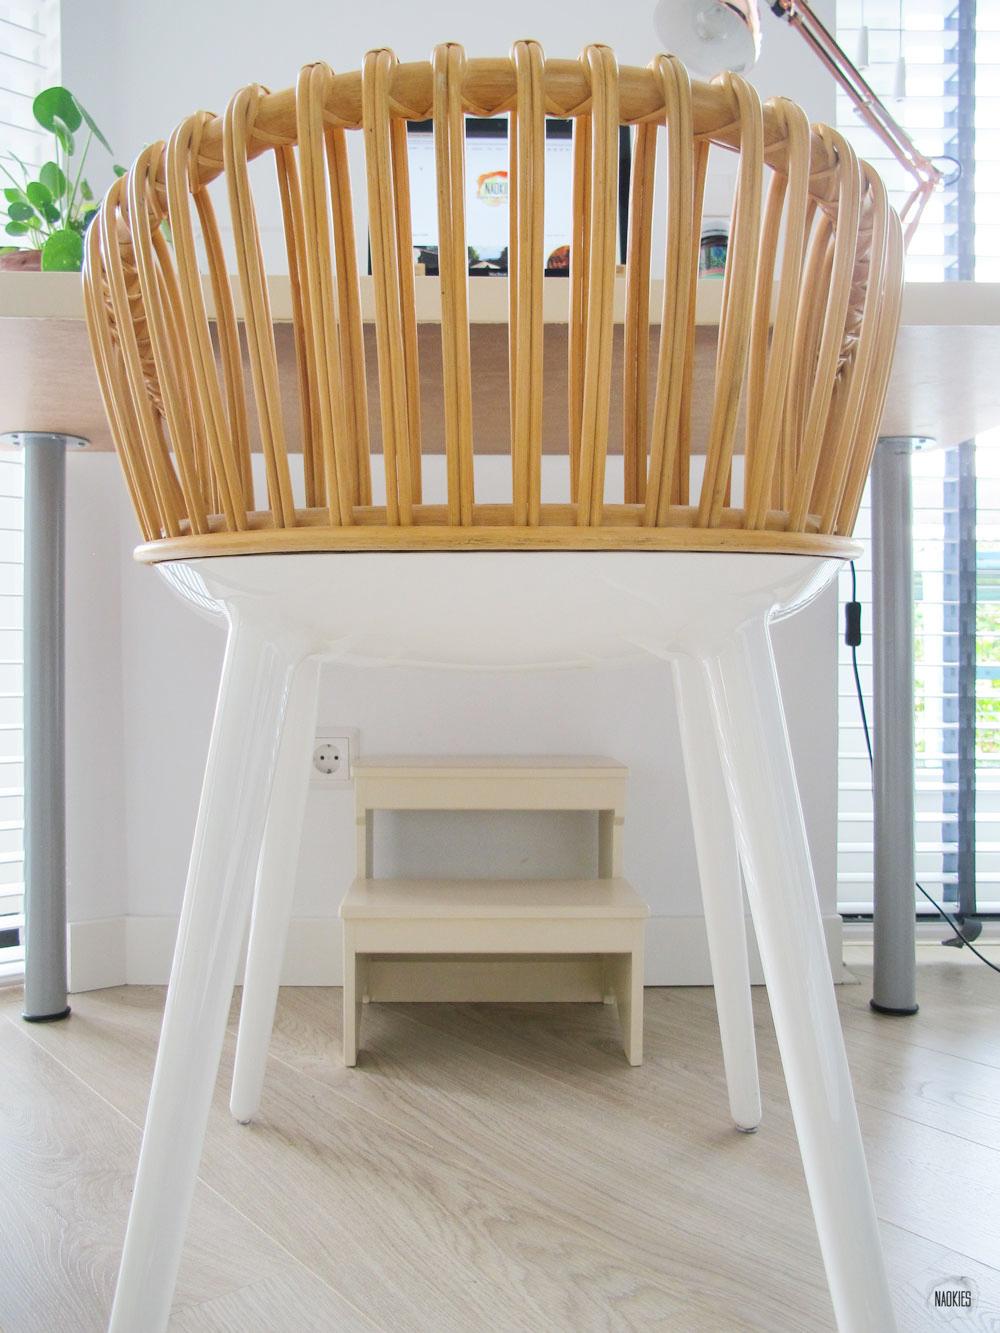 Ik ♥ wonen_bureau_restyling_Cyborg_Chair_marcel_wanders